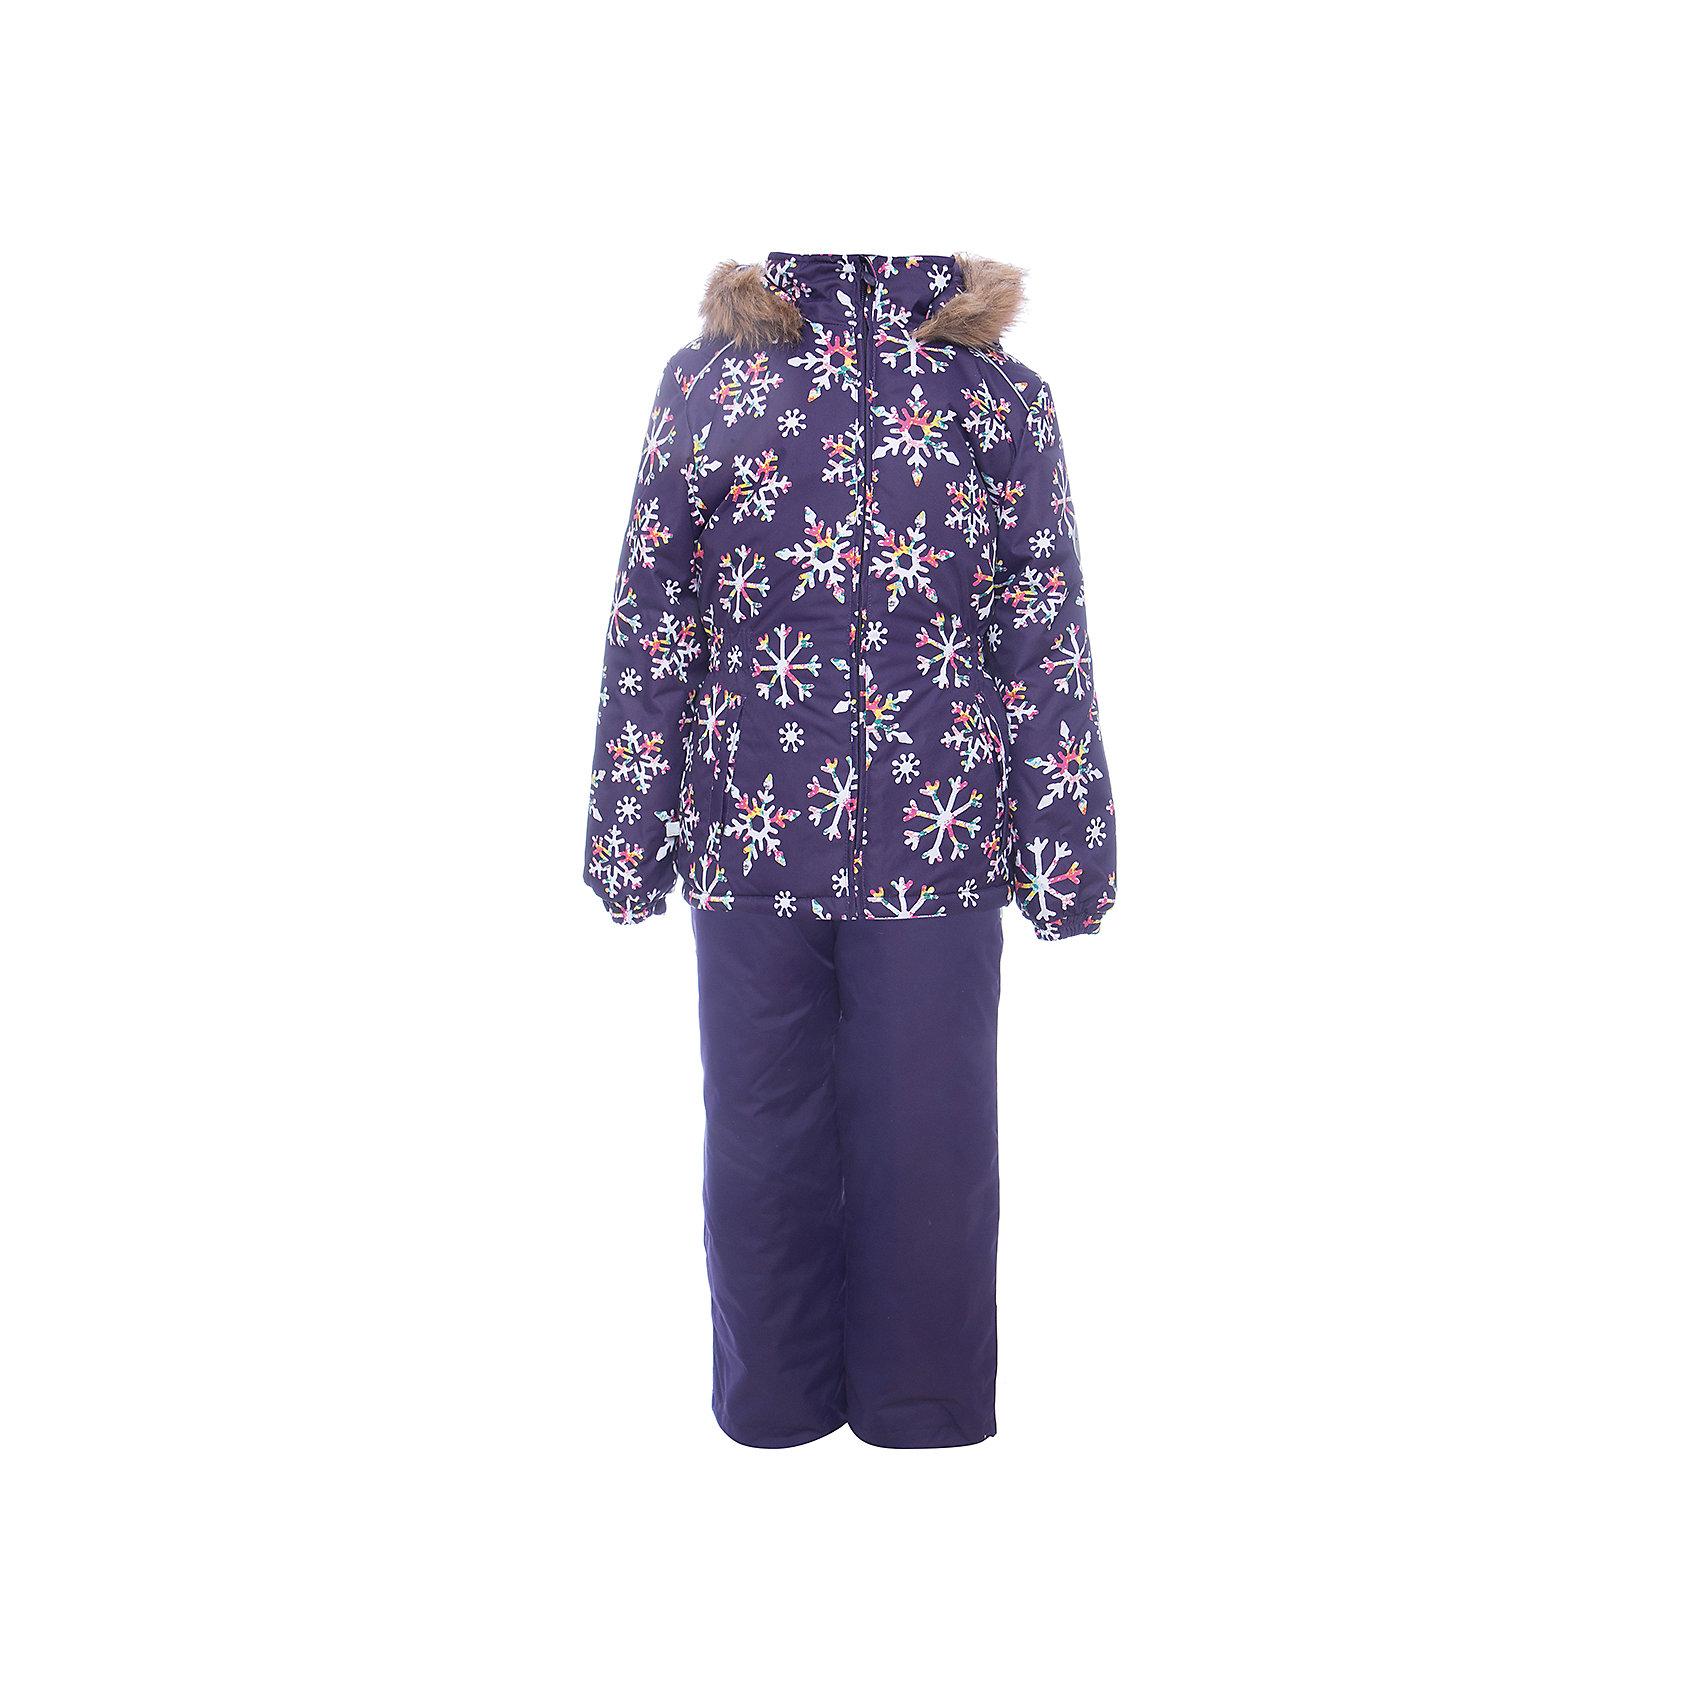 Комплект: куртка и брюки WONDER Huppa для девочкиВерхняя одежда<br>Комплект для девочек WONDER.Водо и воздухонепроницаемость  10 000.Утеплитель 300 гр куртка/160 гр брюки.Подкладка тафта, флис 100% полиэстер.Отстегивающийся капюшон с мехом.Манжеты рукавов на резинке.Регулируемые низы.Внутренняя снегозащита брюк.Швы проклеены.Резиновые подтяжки.Имеются светоотражательные элементы.<br>Состав:<br>100% Полиэстер<br><br>Ширина мм: 356<br>Глубина мм: 10<br>Высота мм: 245<br>Вес г: 519<br>Цвет: лиловый<br>Возраст от месяцев: 108<br>Возраст до месяцев: 120<br>Пол: Женский<br>Возраст: Детский<br>Размер: 140,110,92,98,104,116,122,128,134<br>SKU: 7027128